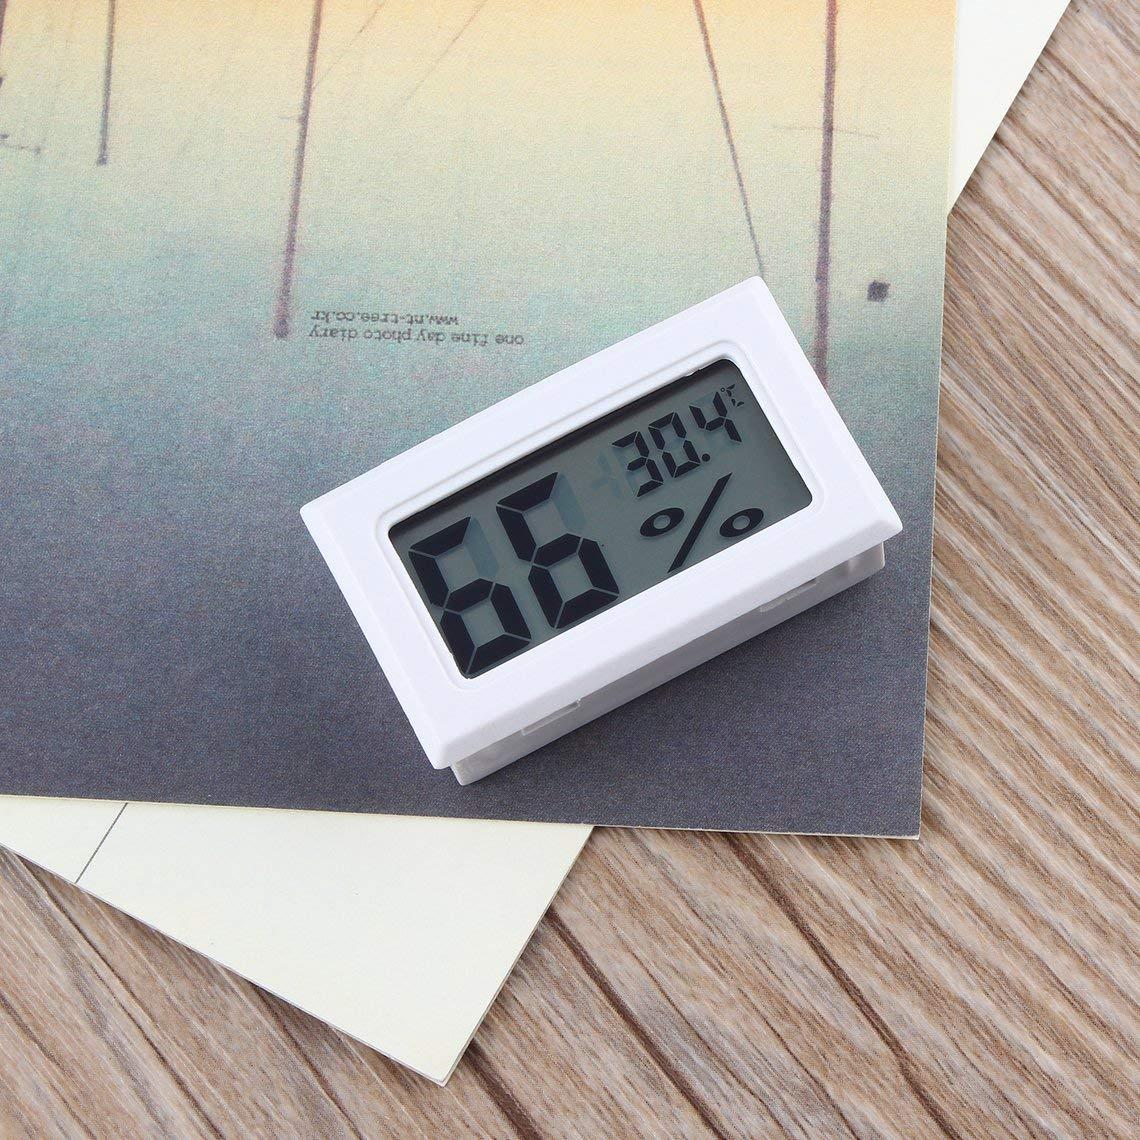 Momorain Thermom/ètre num/érique Professionnel LCD Thermom/ètre Hygrom/ètre Humidit/é Temp/érature M/ètre Capteur daffichage num/érique LCD int/érieur